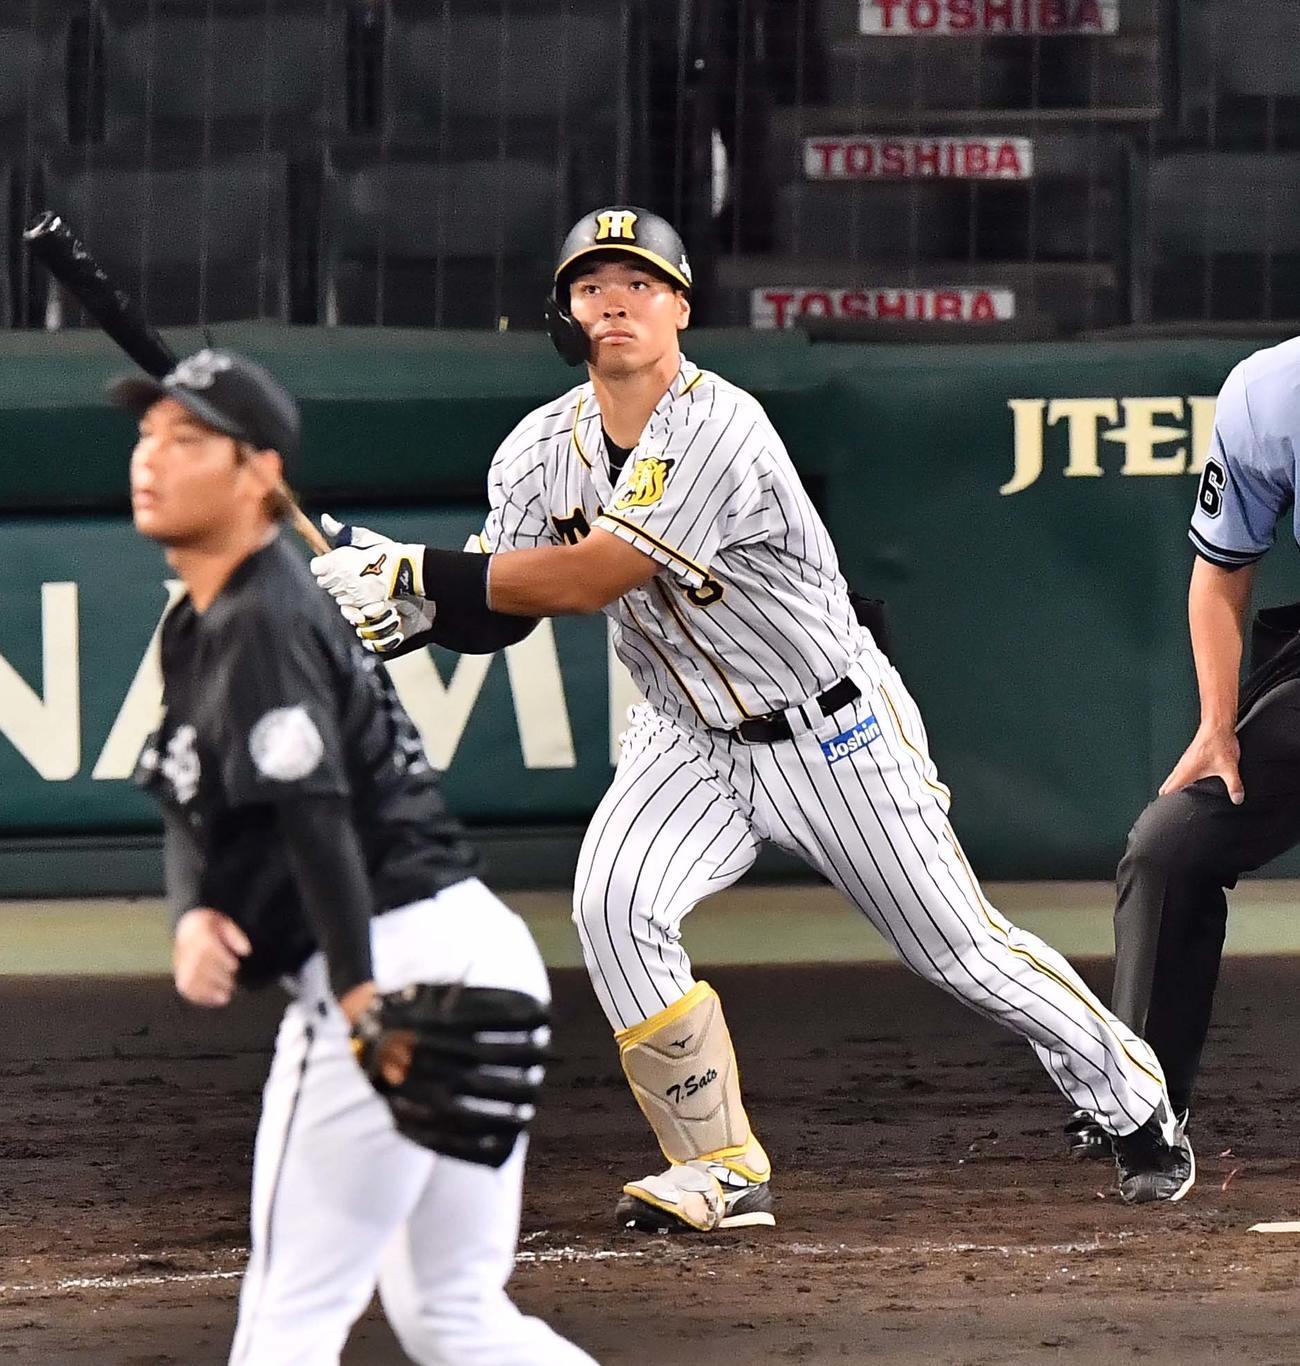 阪神対ロッテ 5回裏阪神2死一塁、右中間へ2点本塁打を放つ佐藤輝(撮影・上田博志)